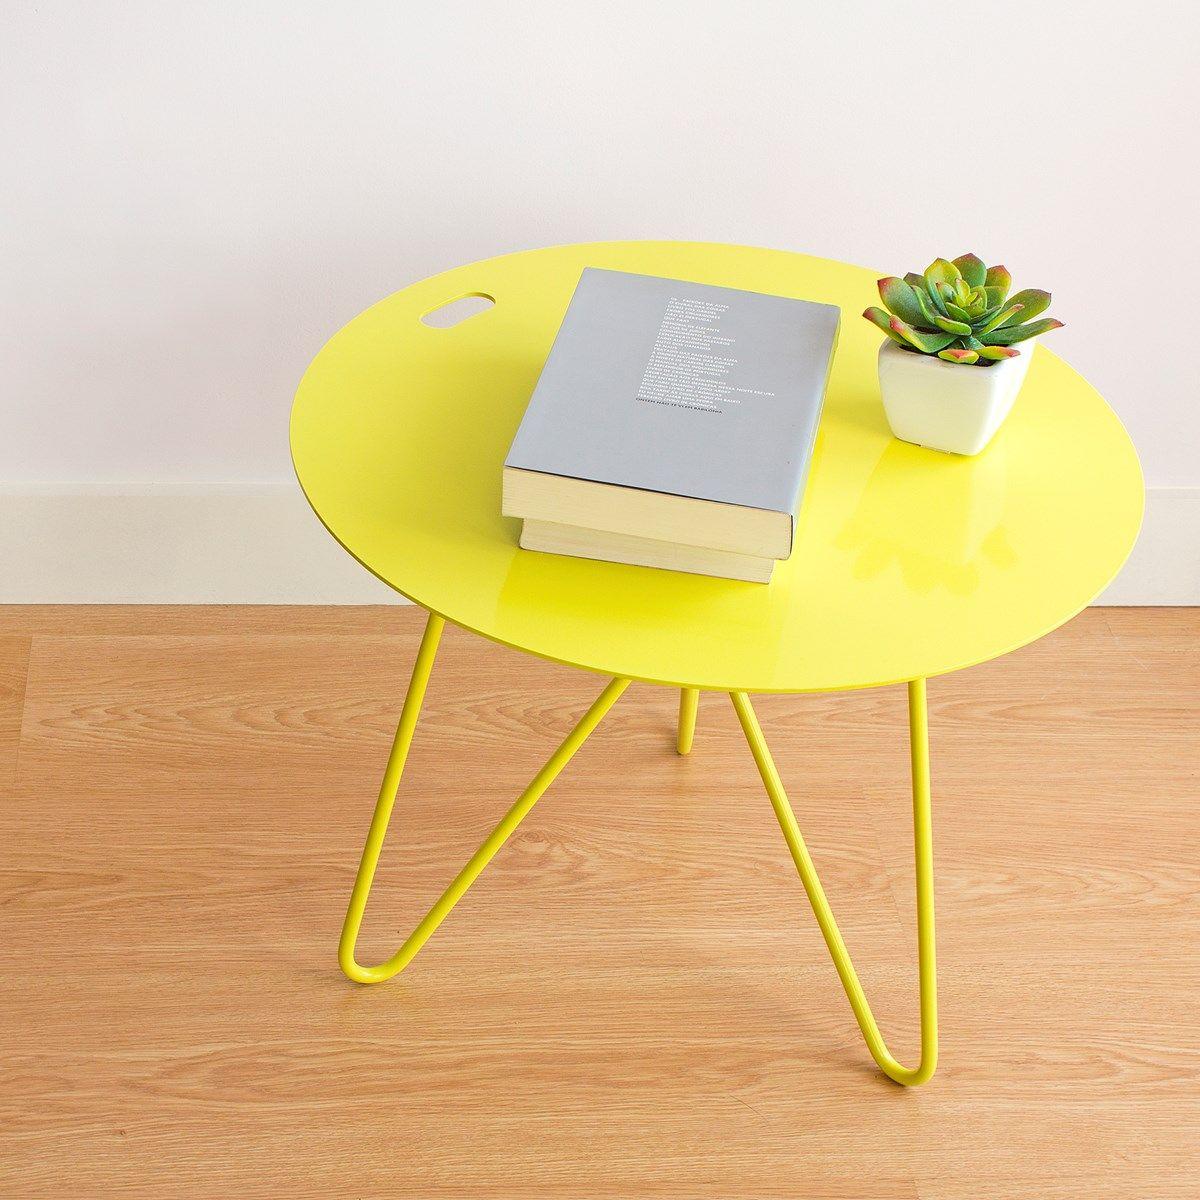 Table Basse Seis Jaune Galula Studio Designerbox Table Metal Table Basse Table Basse Acier